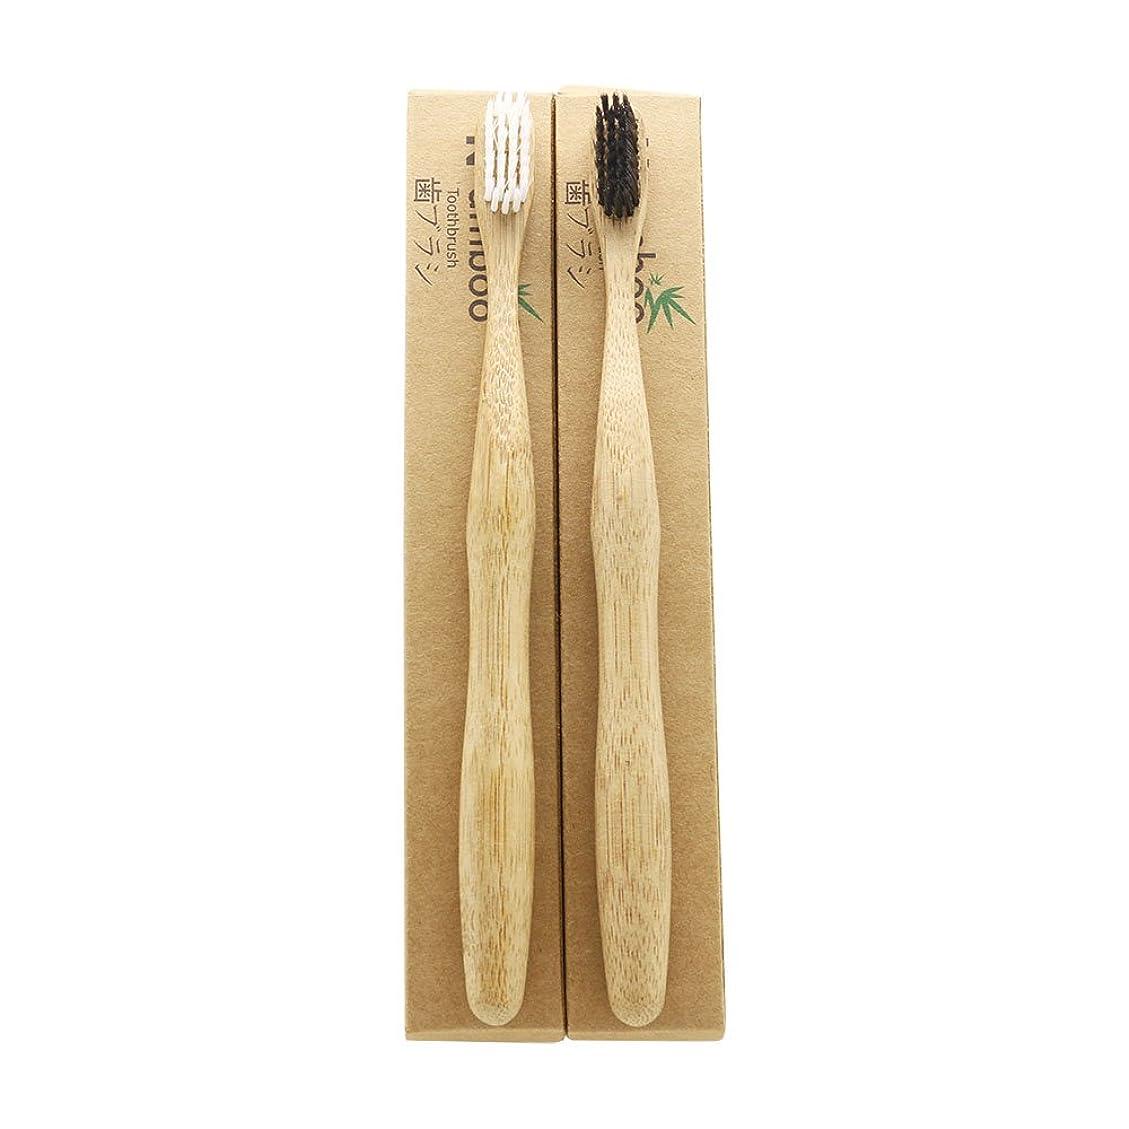 ベル軍団分配しますN-amboo 竹製 歯ブラシ 高耐久性 白と黒 セット エコ  (2本)